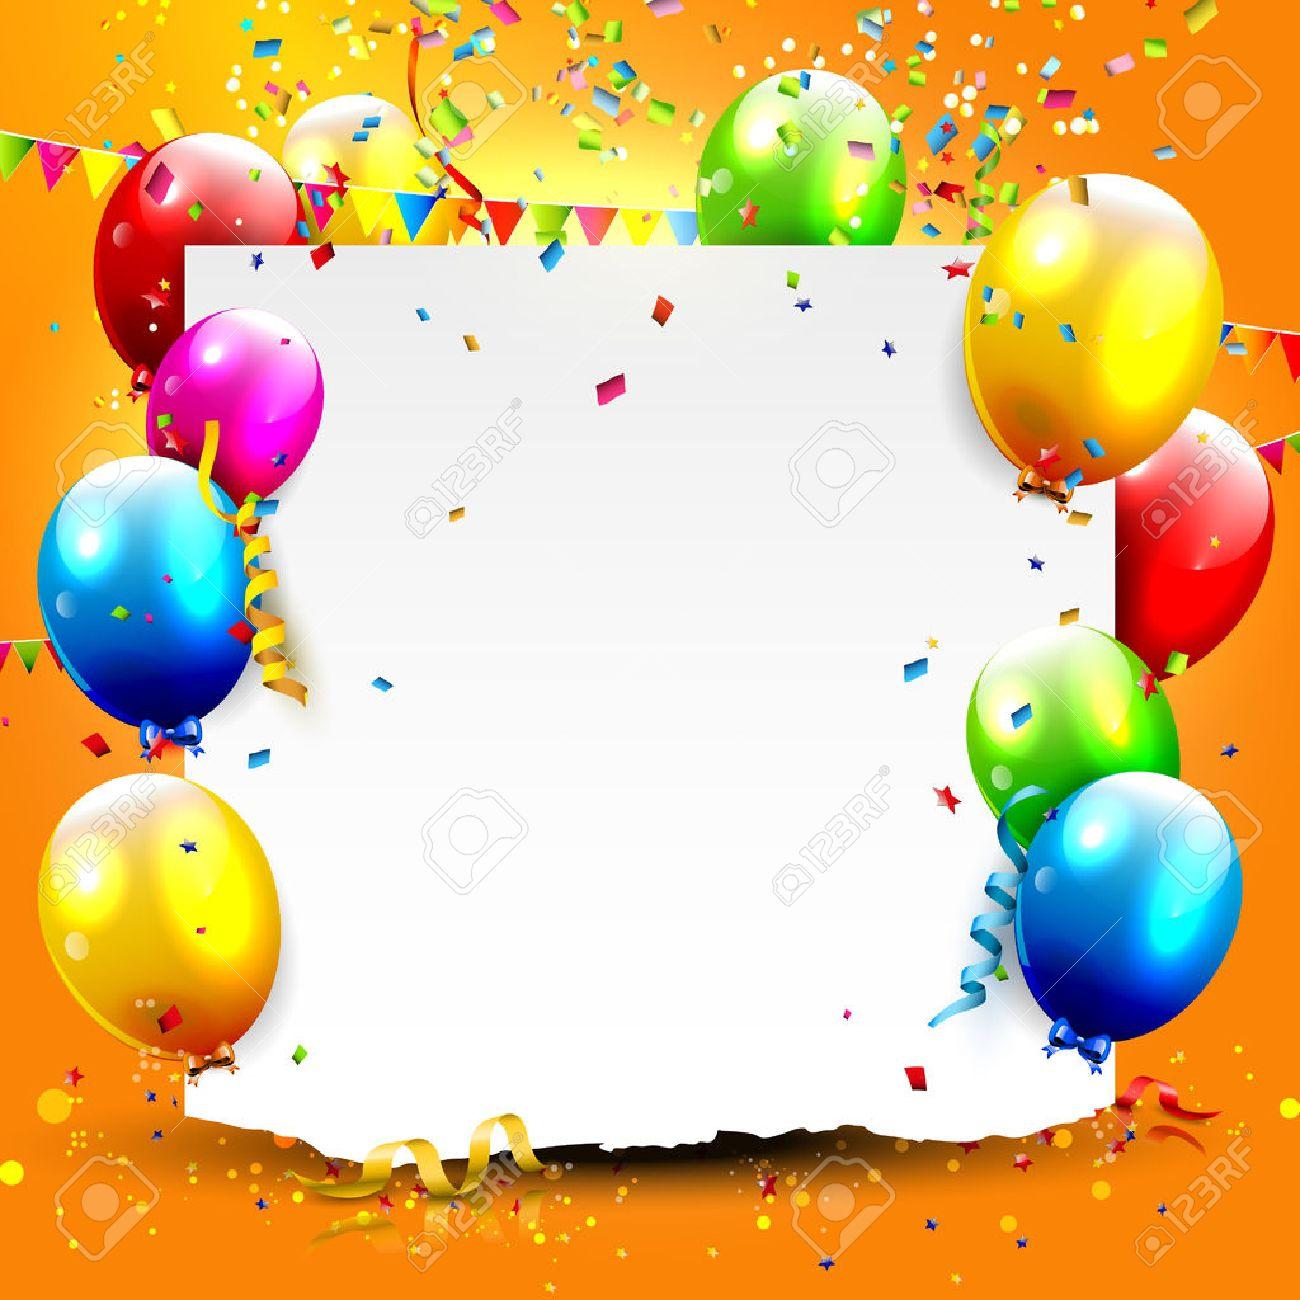 Einladung Geburtstag: Geburtstag Hintergrund Mit Bunten Luftballons Und  Platz Für Ihren Text Illustration